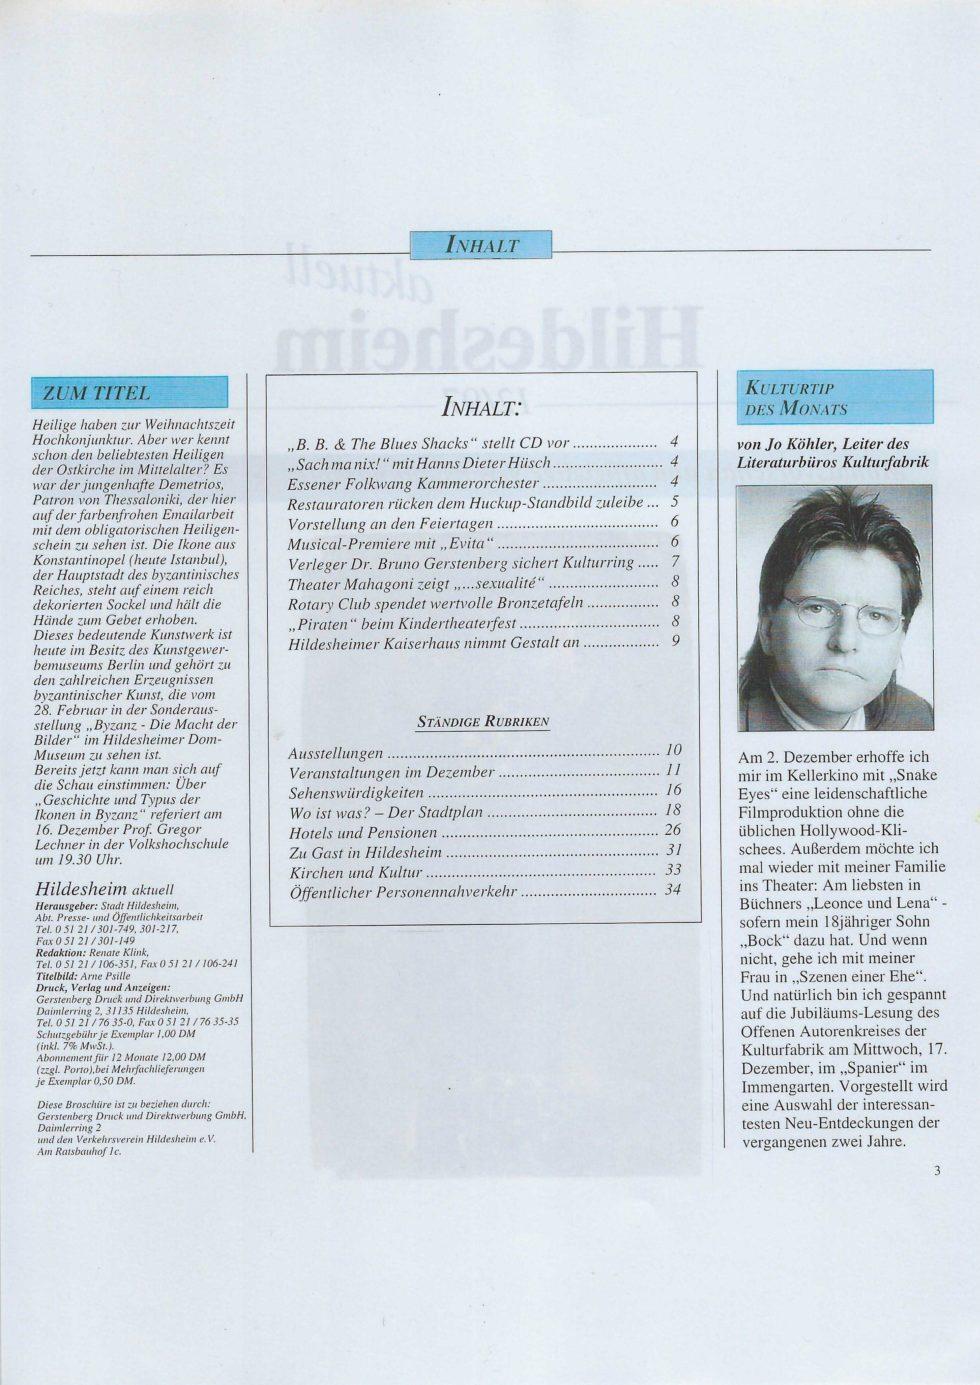 1997 Stift.Lesen, Lit.Tour, Lasker-Wallfisch_Seite_51